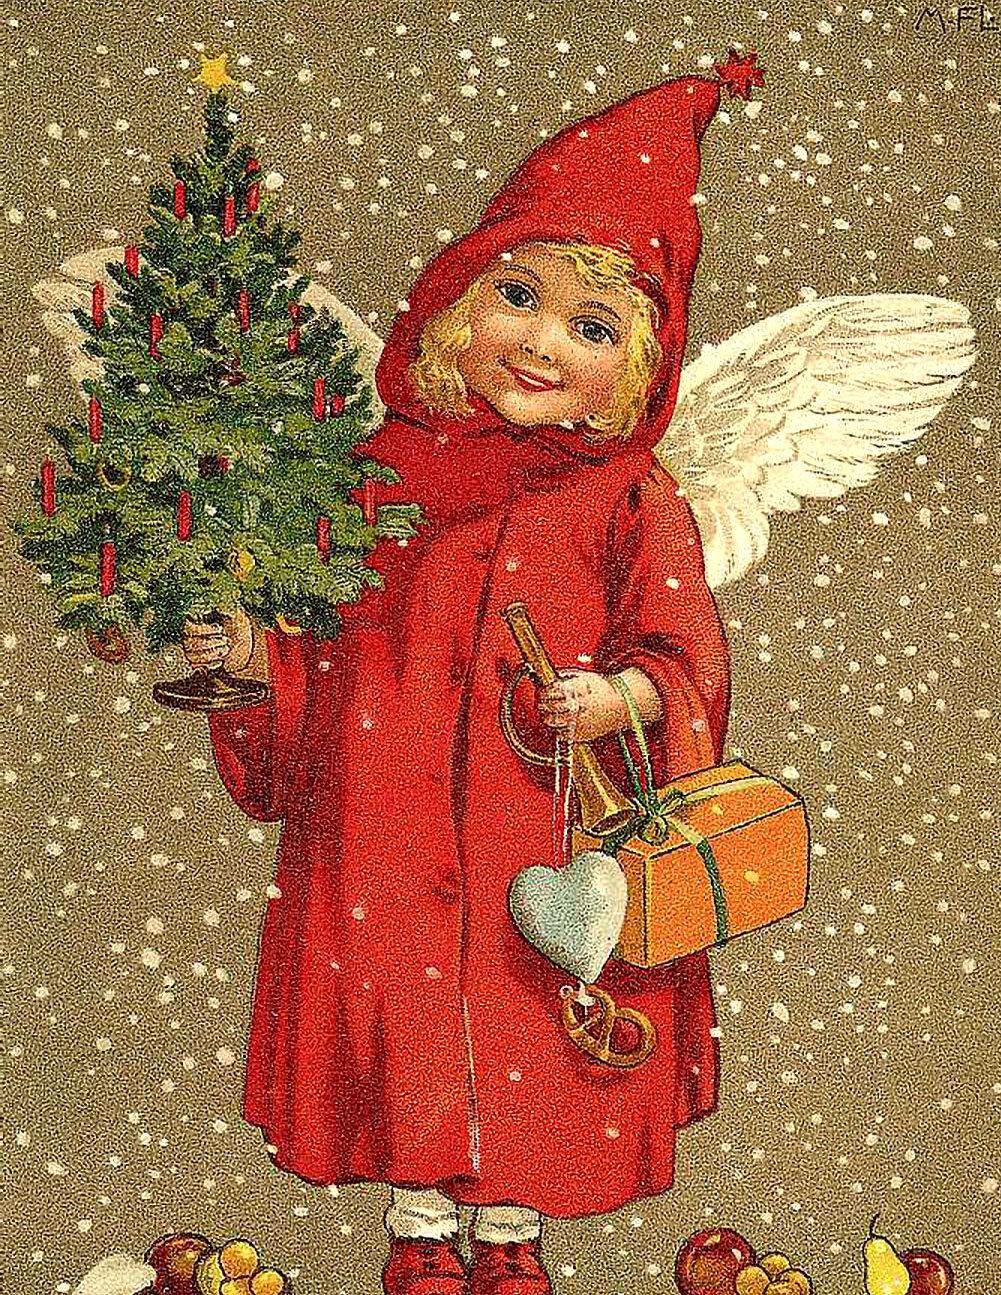 Винтажные картинки новый год и рождество, анкеты картинки углич